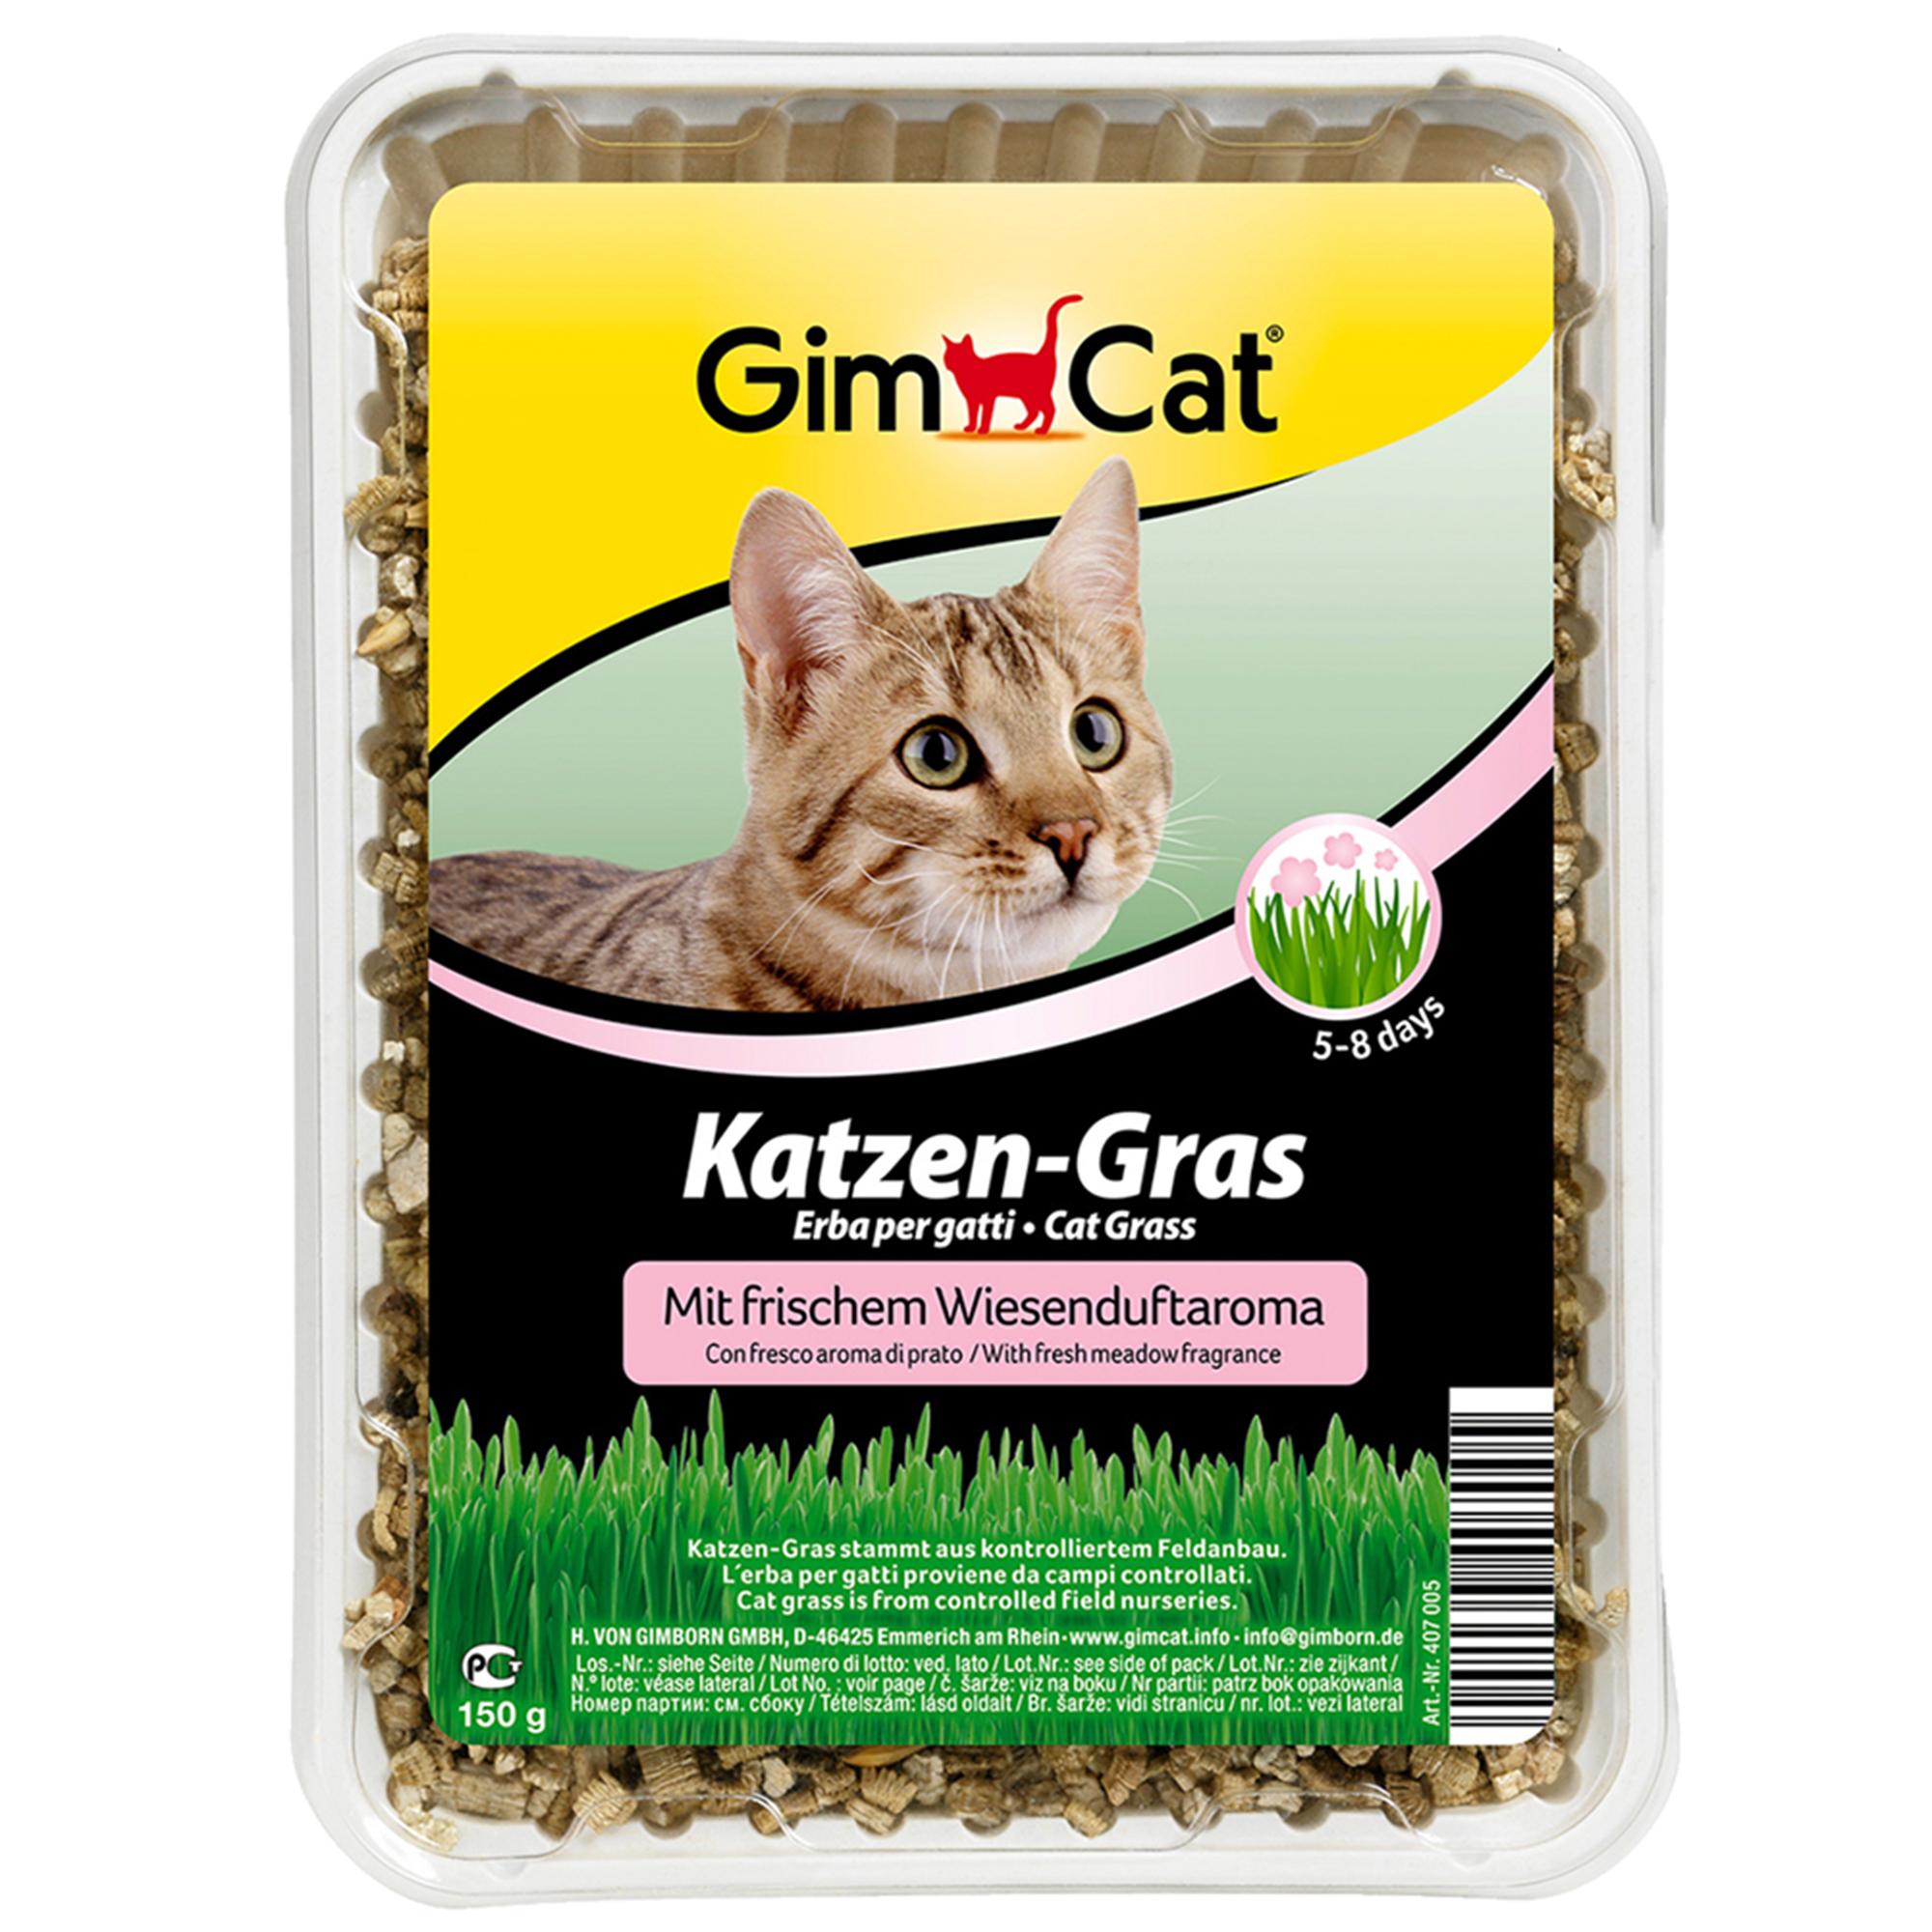 GimCat Katzen-Gras mit Wiesenduft 150g